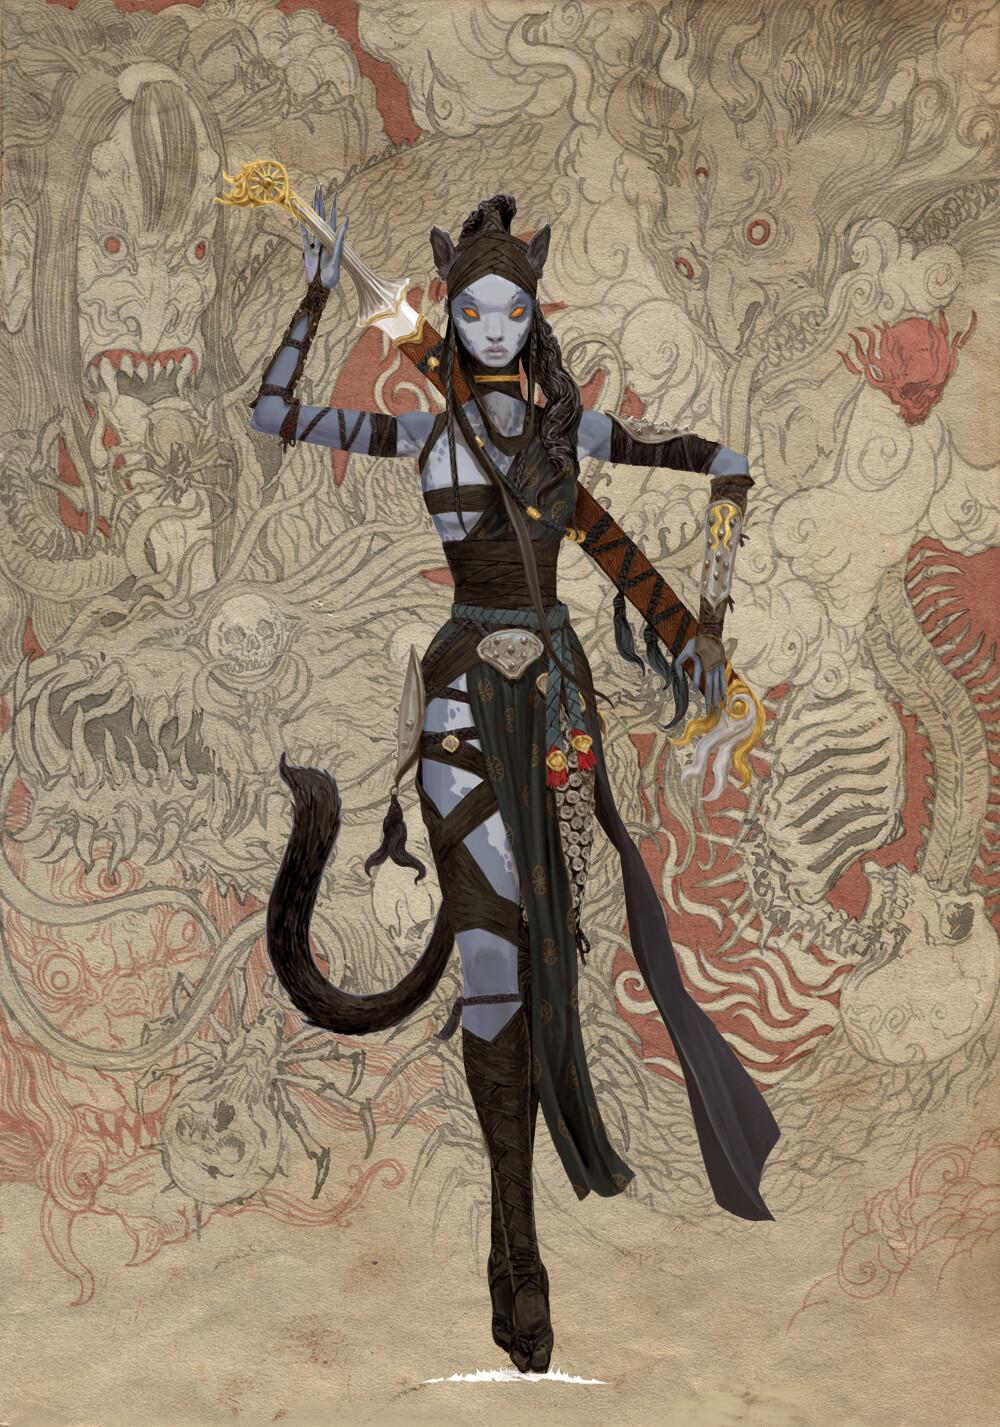 Adrian smith monster demon spirit kani cat